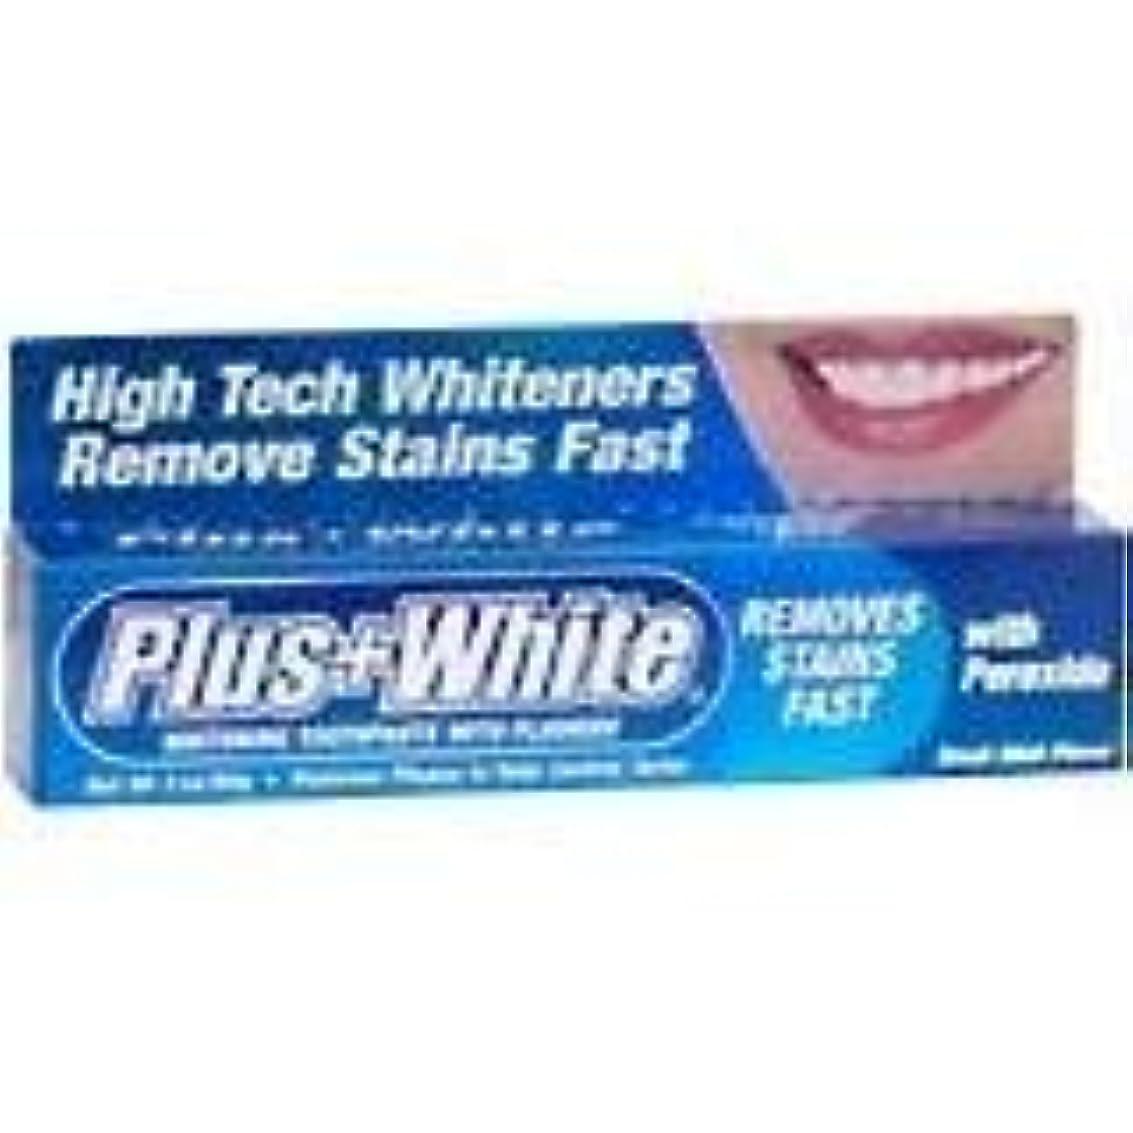 注釈を付ける資産敬意を表するPlus White 過酸化物とエクストラホワイトニング歯磨き(1パック)